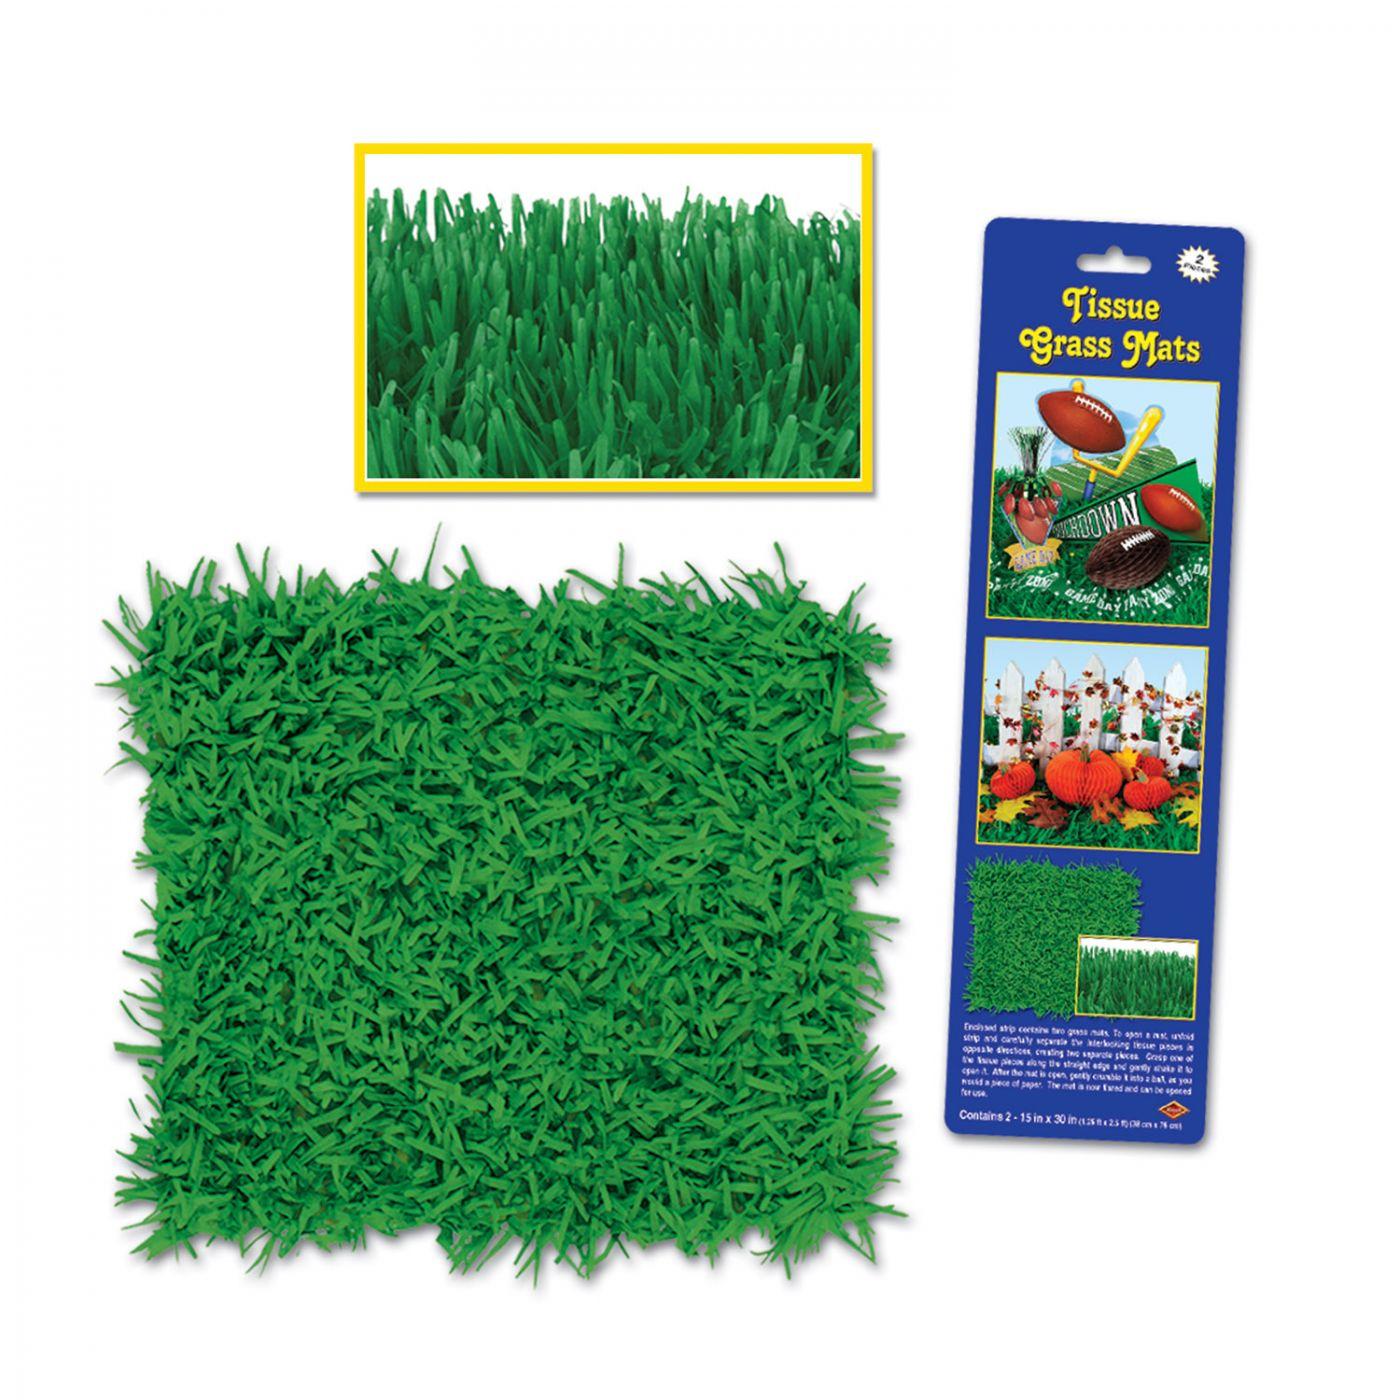 Pkgd Tissue Grass Mats image